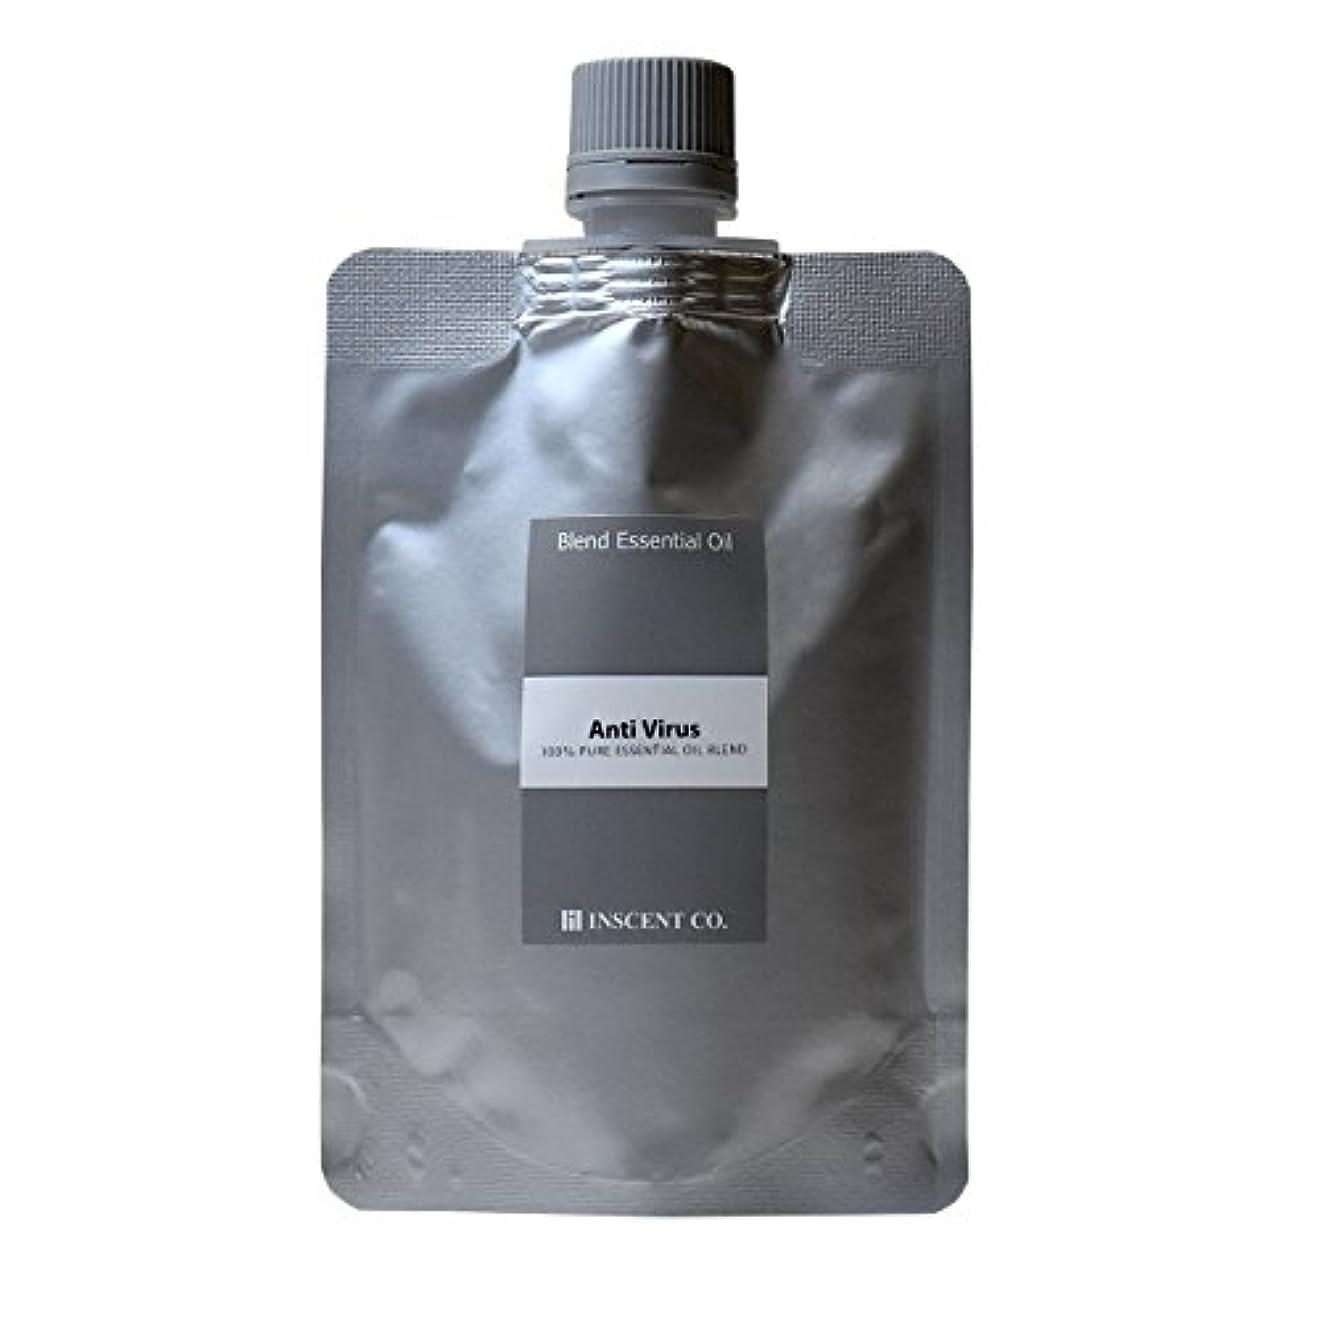 シール柔らかい足ビバ(詰替用 アルミパック) アロマ ブレンド アンチウイルス 100ml インセント アロマオイル